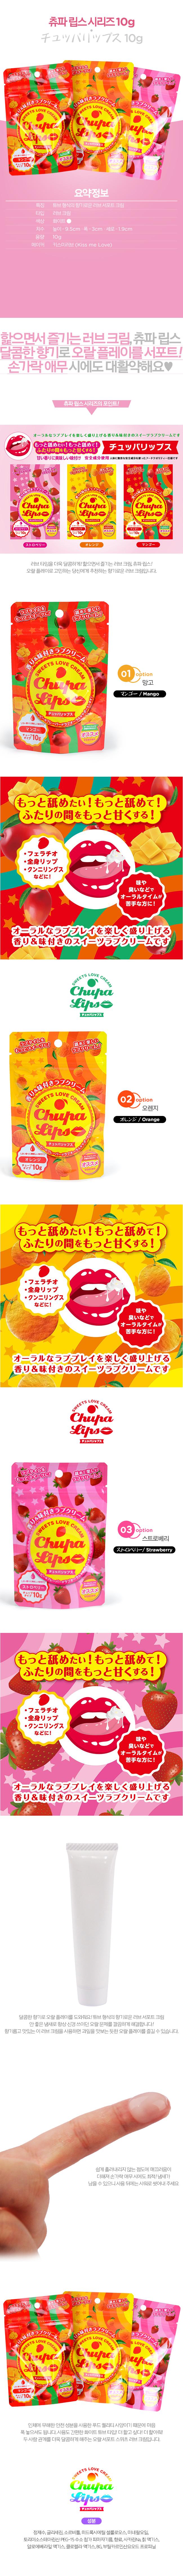 [일본 직수입] 츄파 립스 시리즈(チュッパリップス) (NPR)